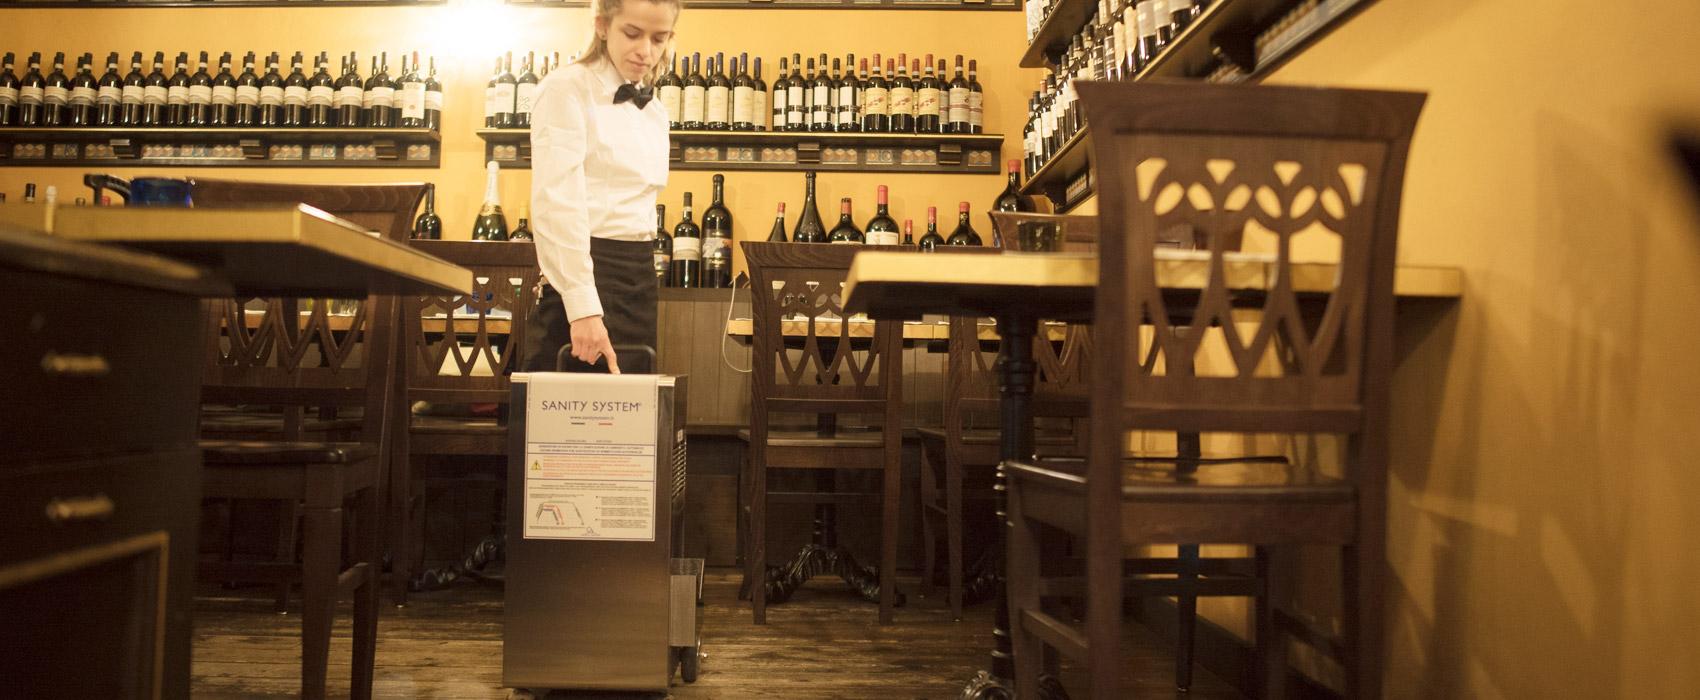 sanititzem-_restaurant